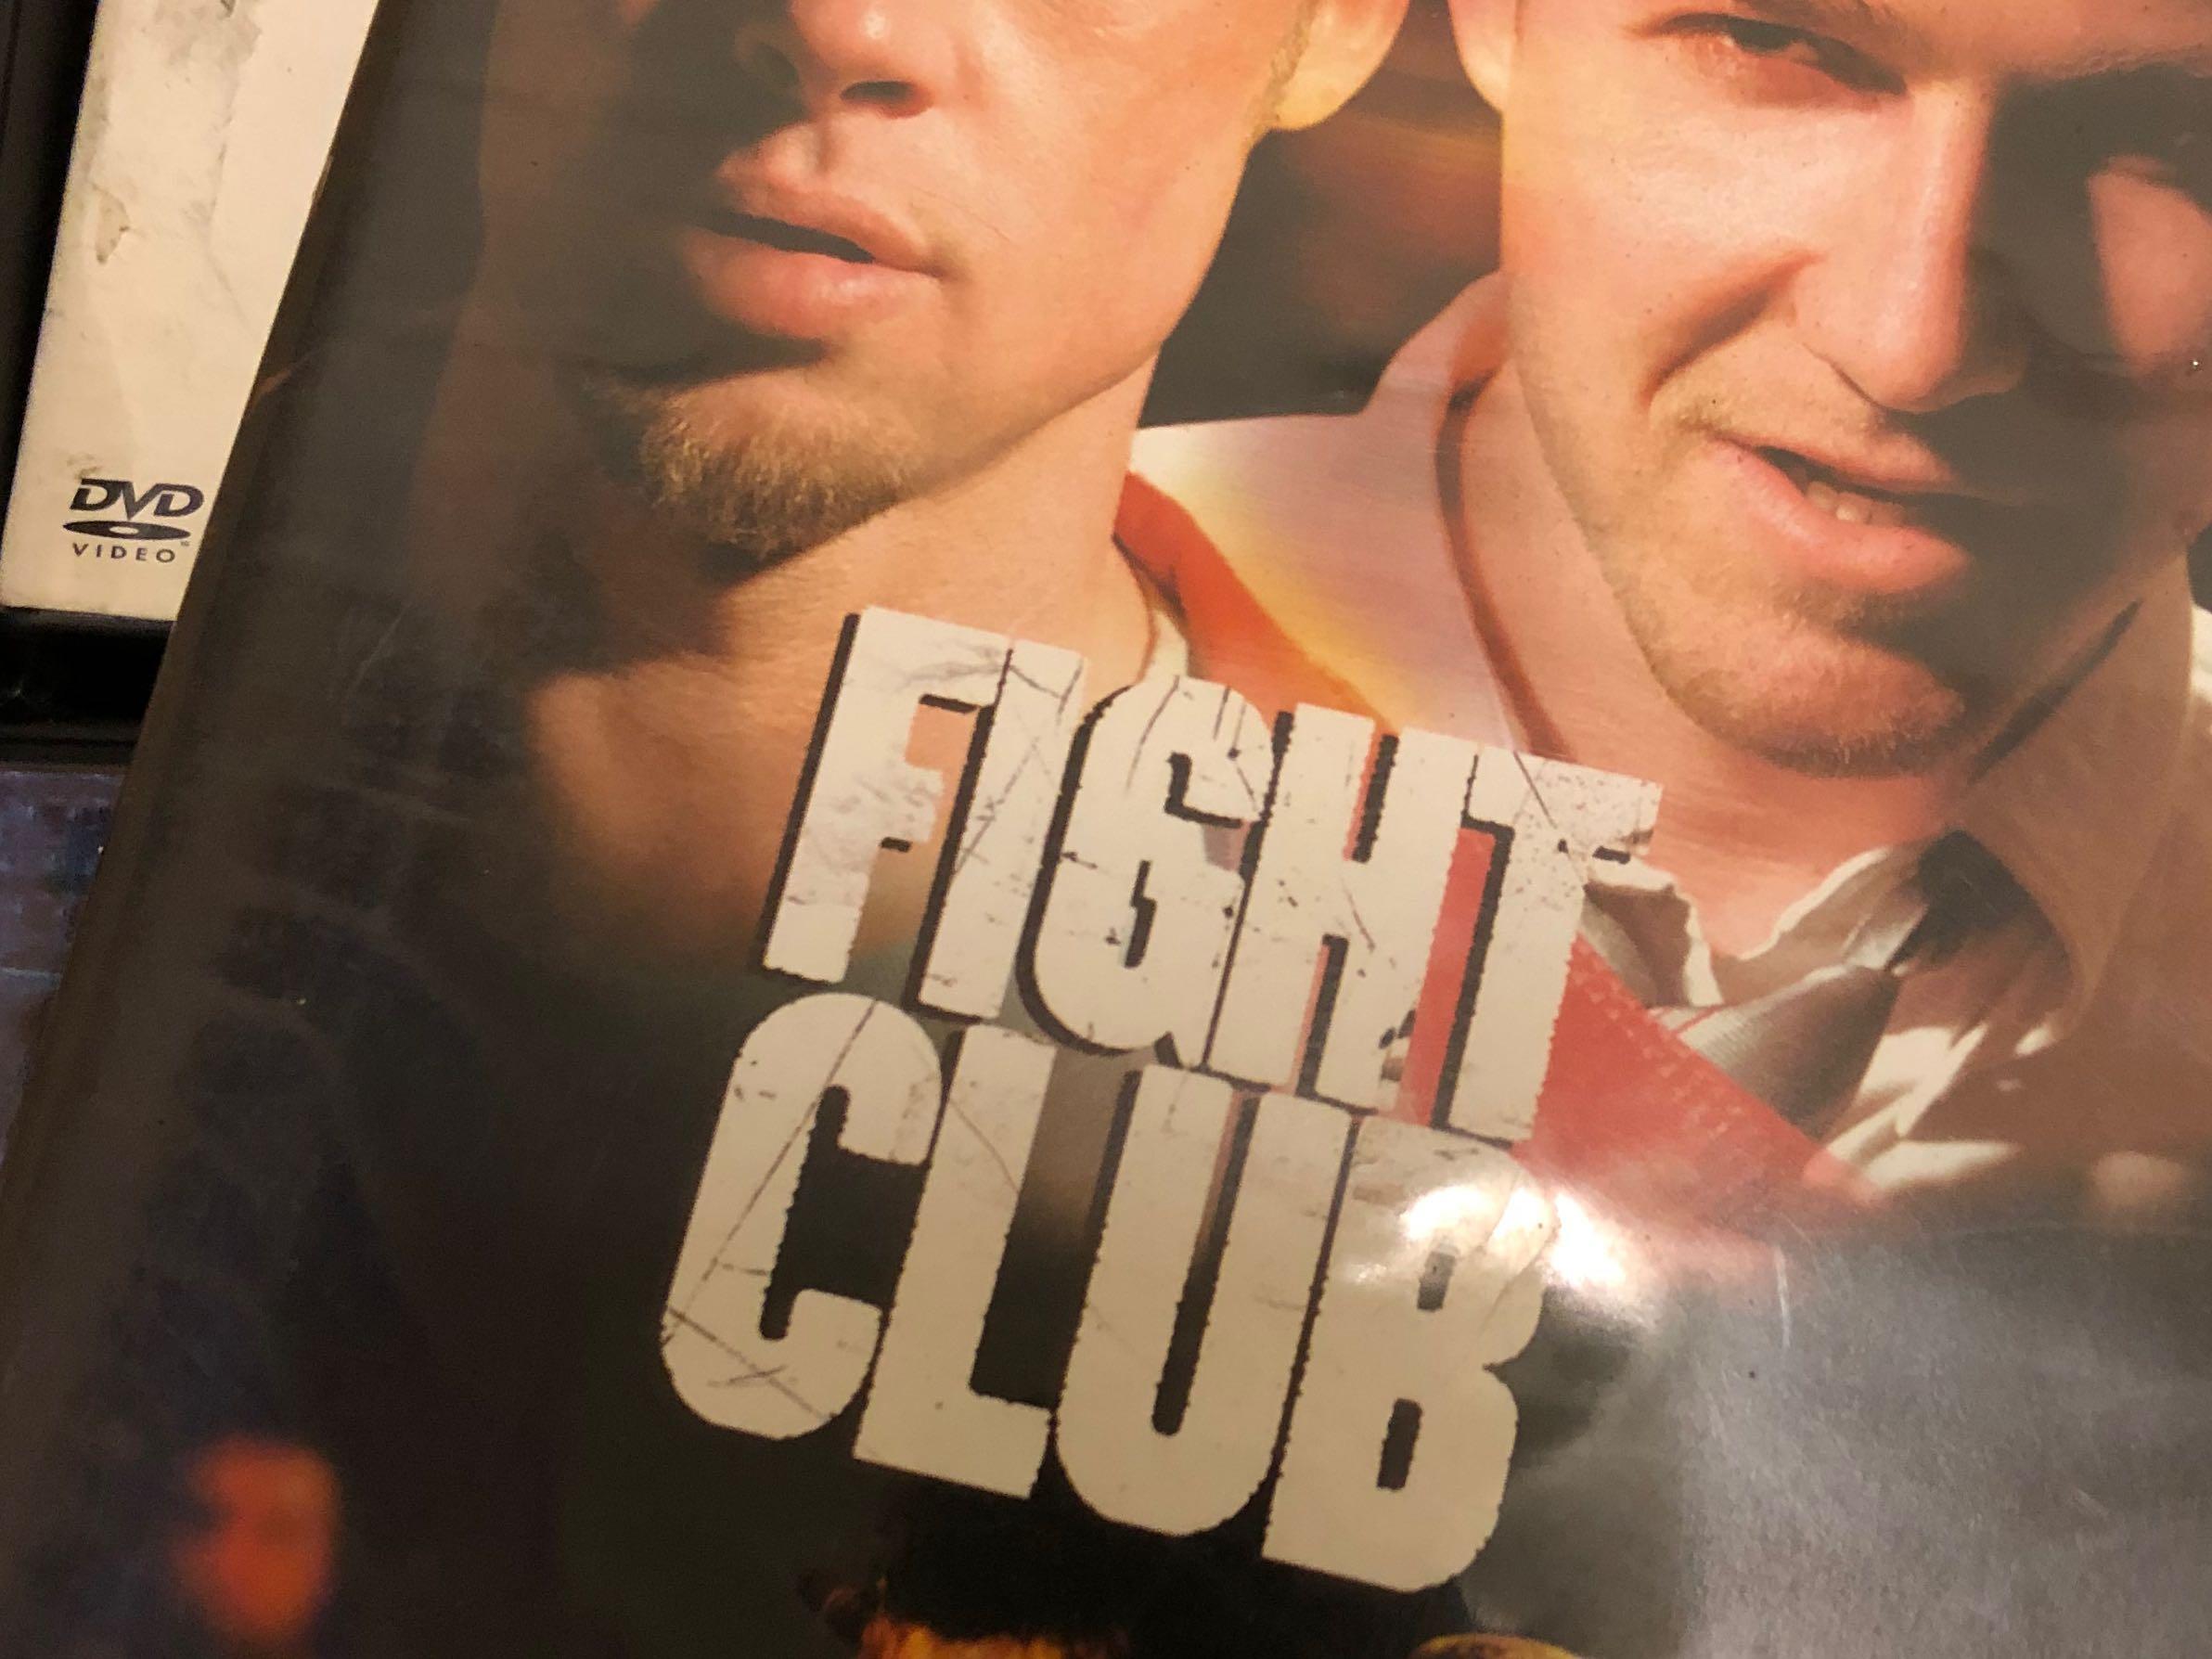 鬥陣俱樂部 Fighting Club 布萊德彼特 艾德華諾頓